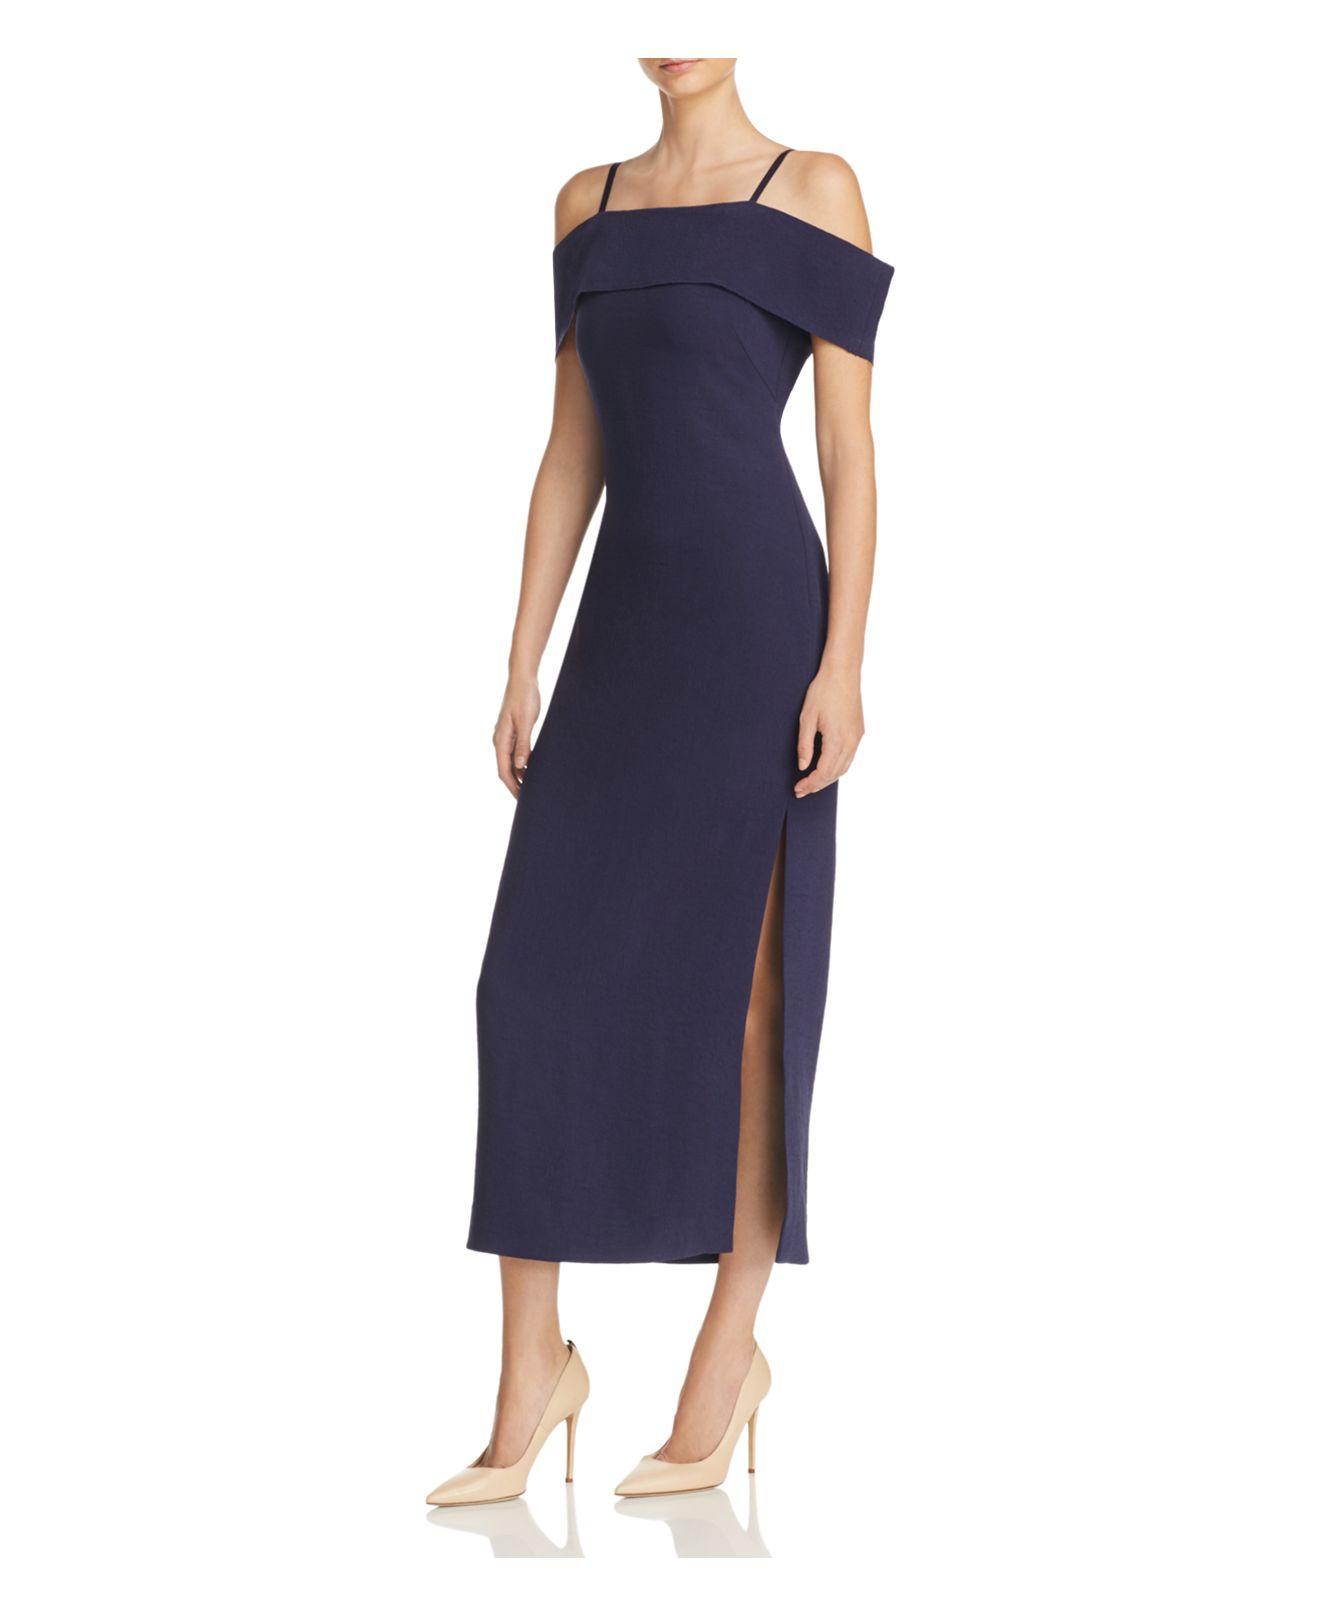 9c3fc56b83ff Lyst - Elizabeth And James Adriana Off-the-shoulder Midi Dress in Blue